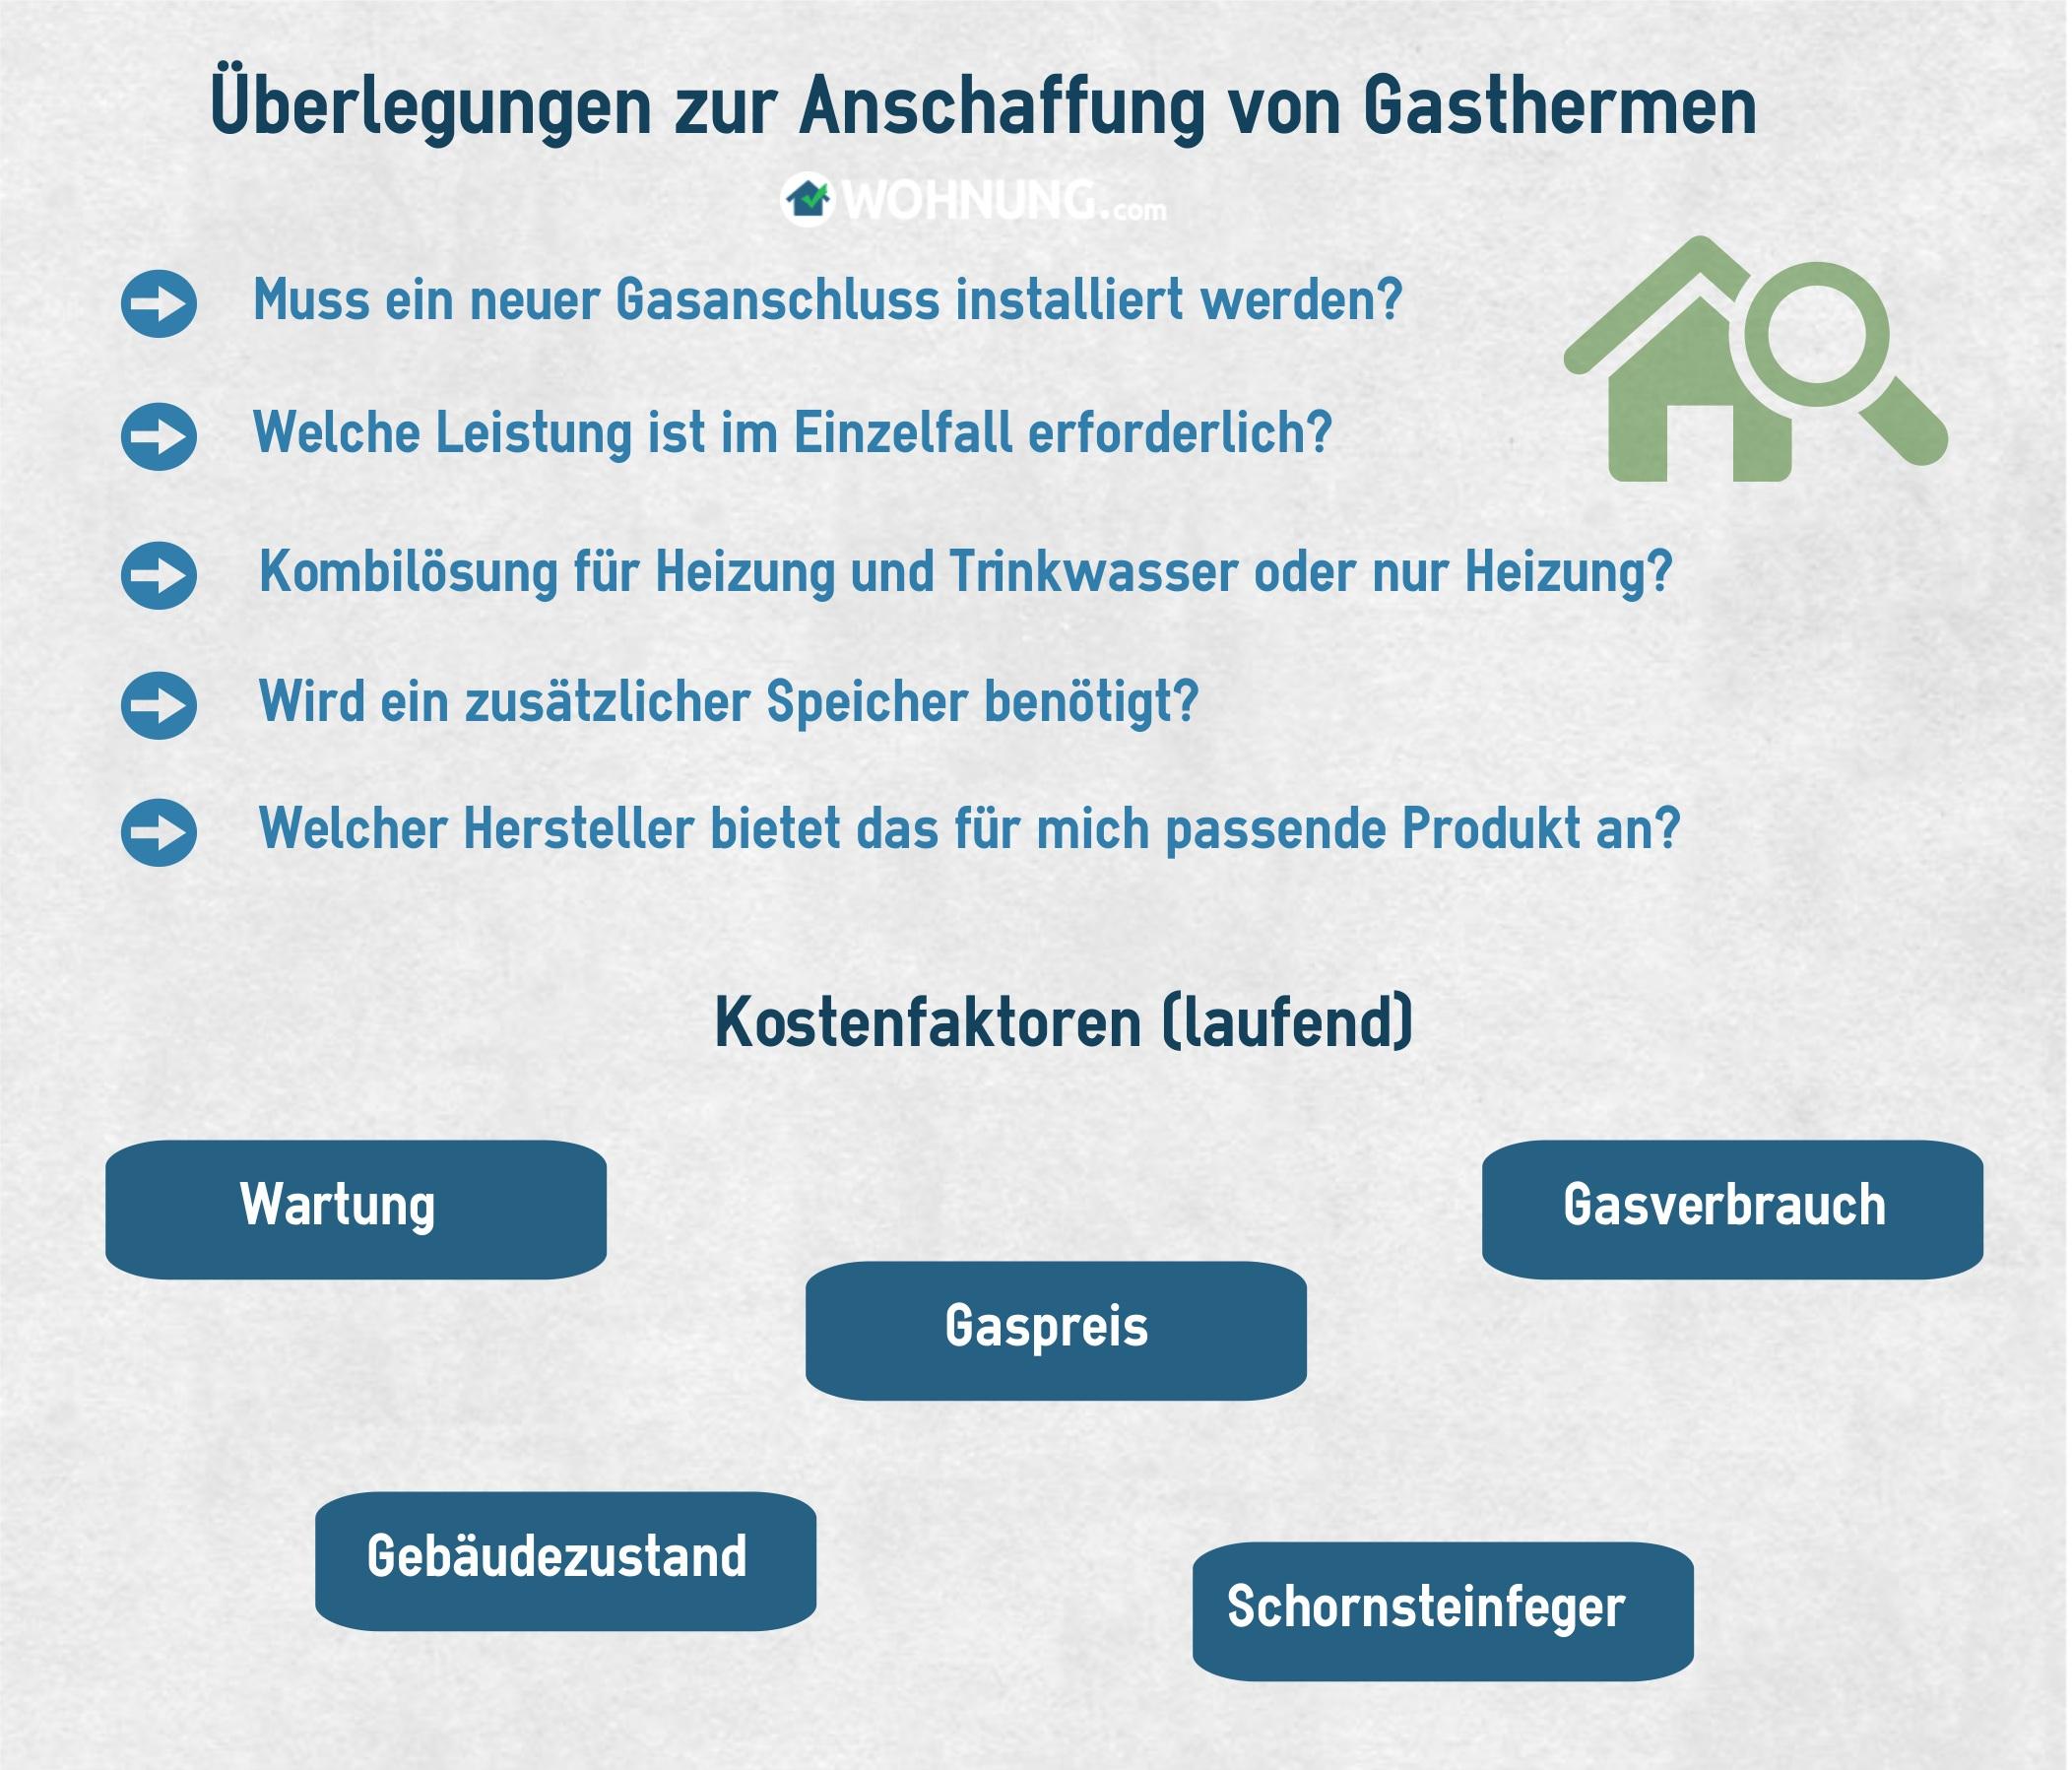 Super Gastherme: Technik und Funktion - Wohnung.com Ratgeber MI67